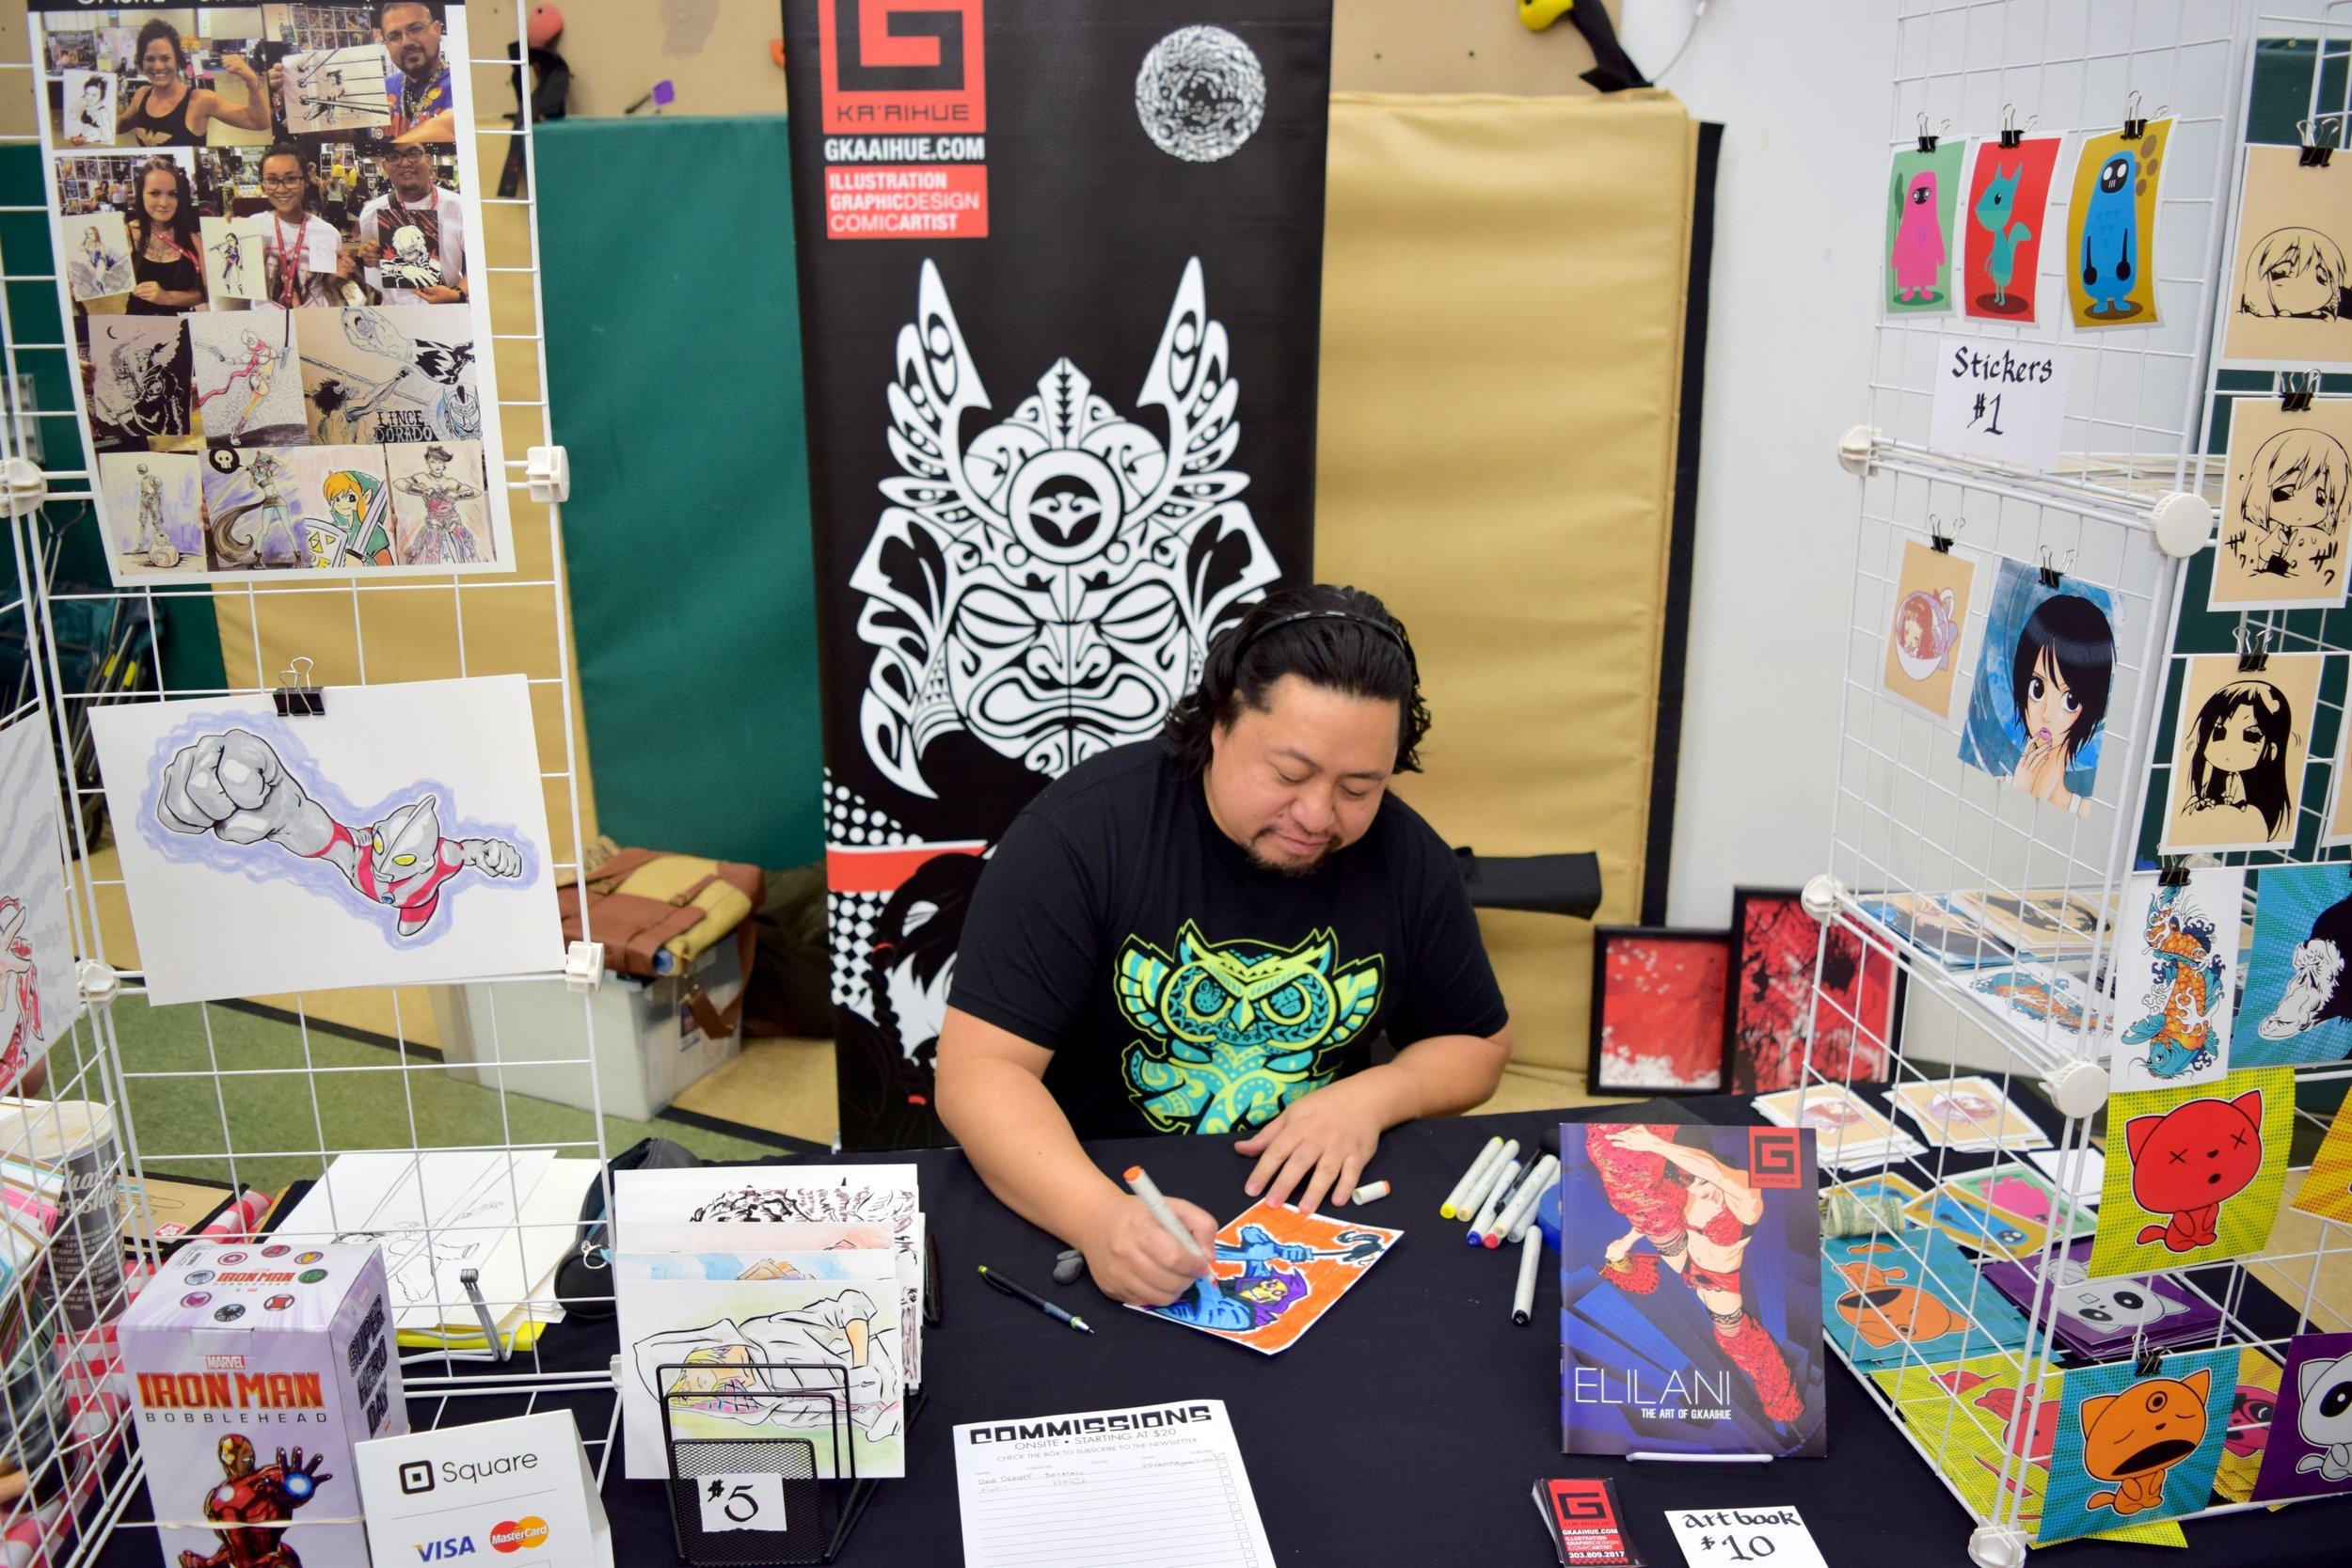 Gerhard Kaaihue  sketching at the mini-con.